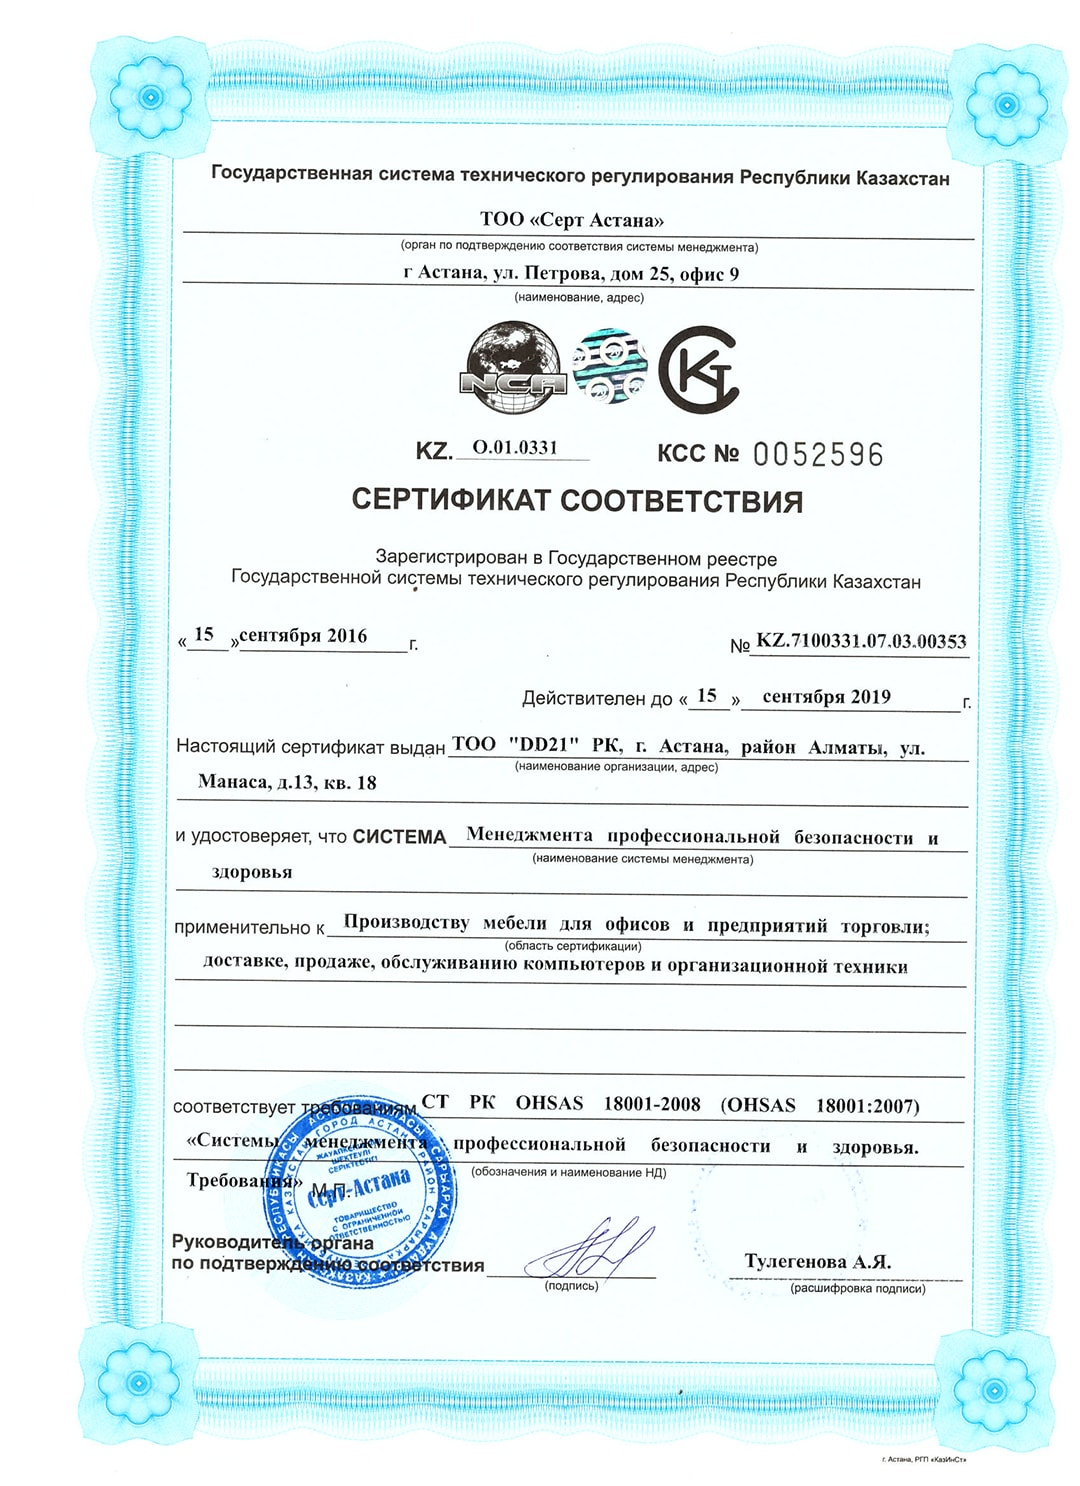 Сайты казахстана самрук казына сертификация о происхождении материалов скс сертификация деятельности